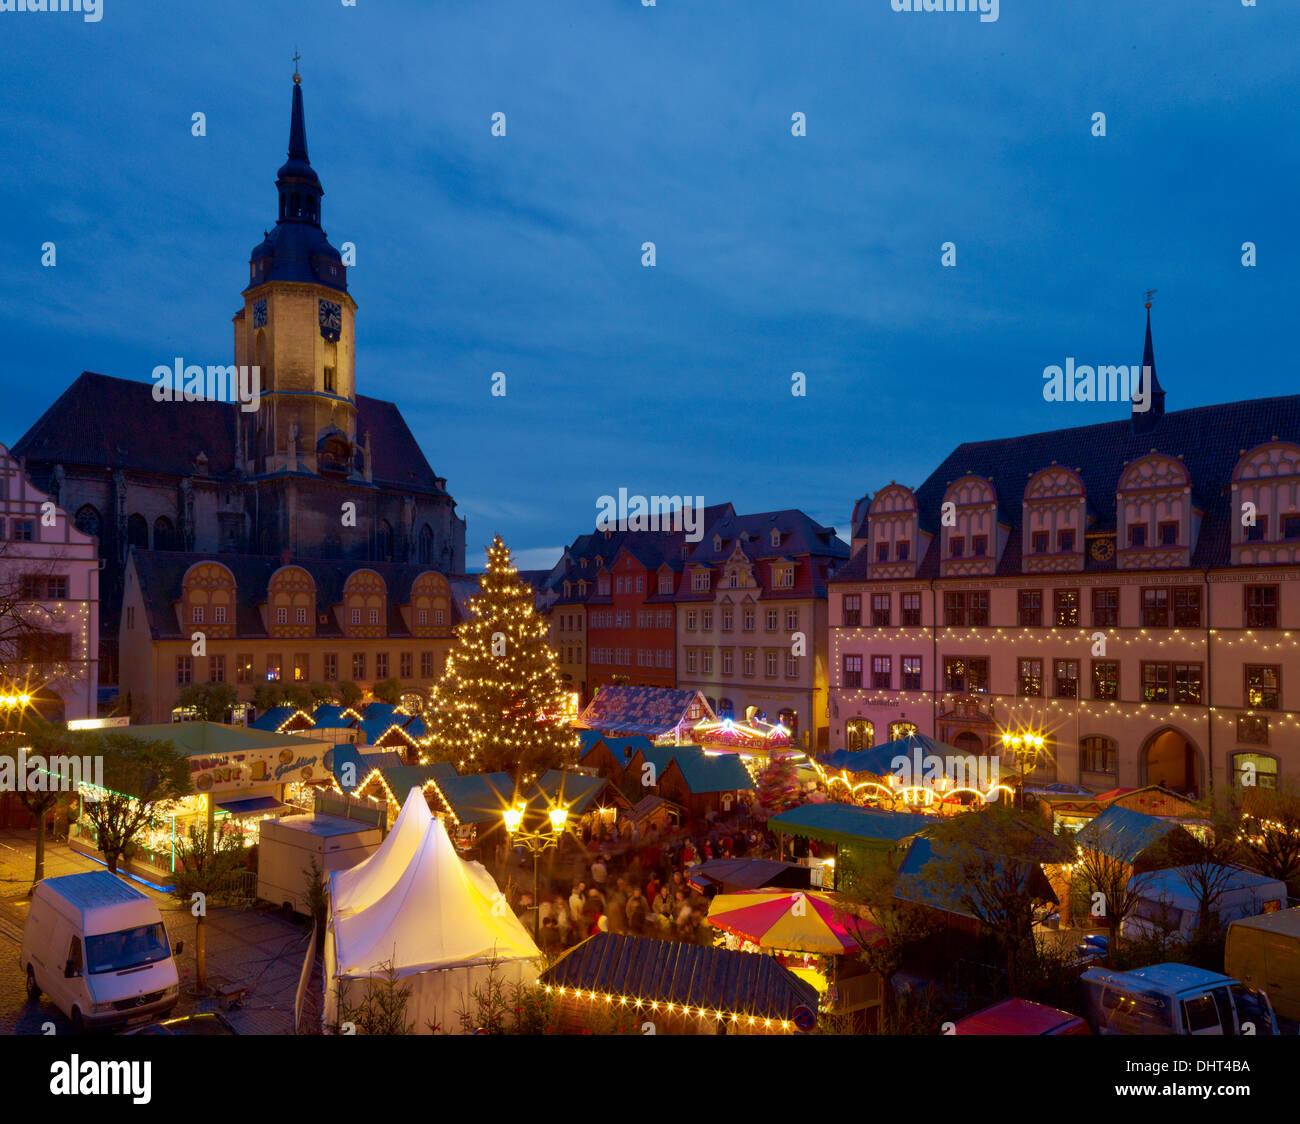 Naumburger Weihnachtsmarkt.Weihnachtsmarkt St Wenzels Kirche Und Rathaus Naumburg Saale